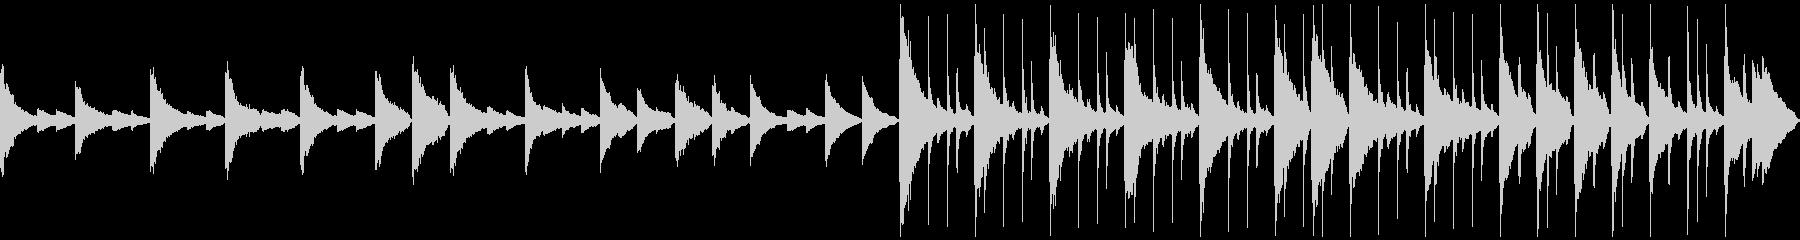 ピアノ主体メロディ無し優しいバラード短めの未再生の波形